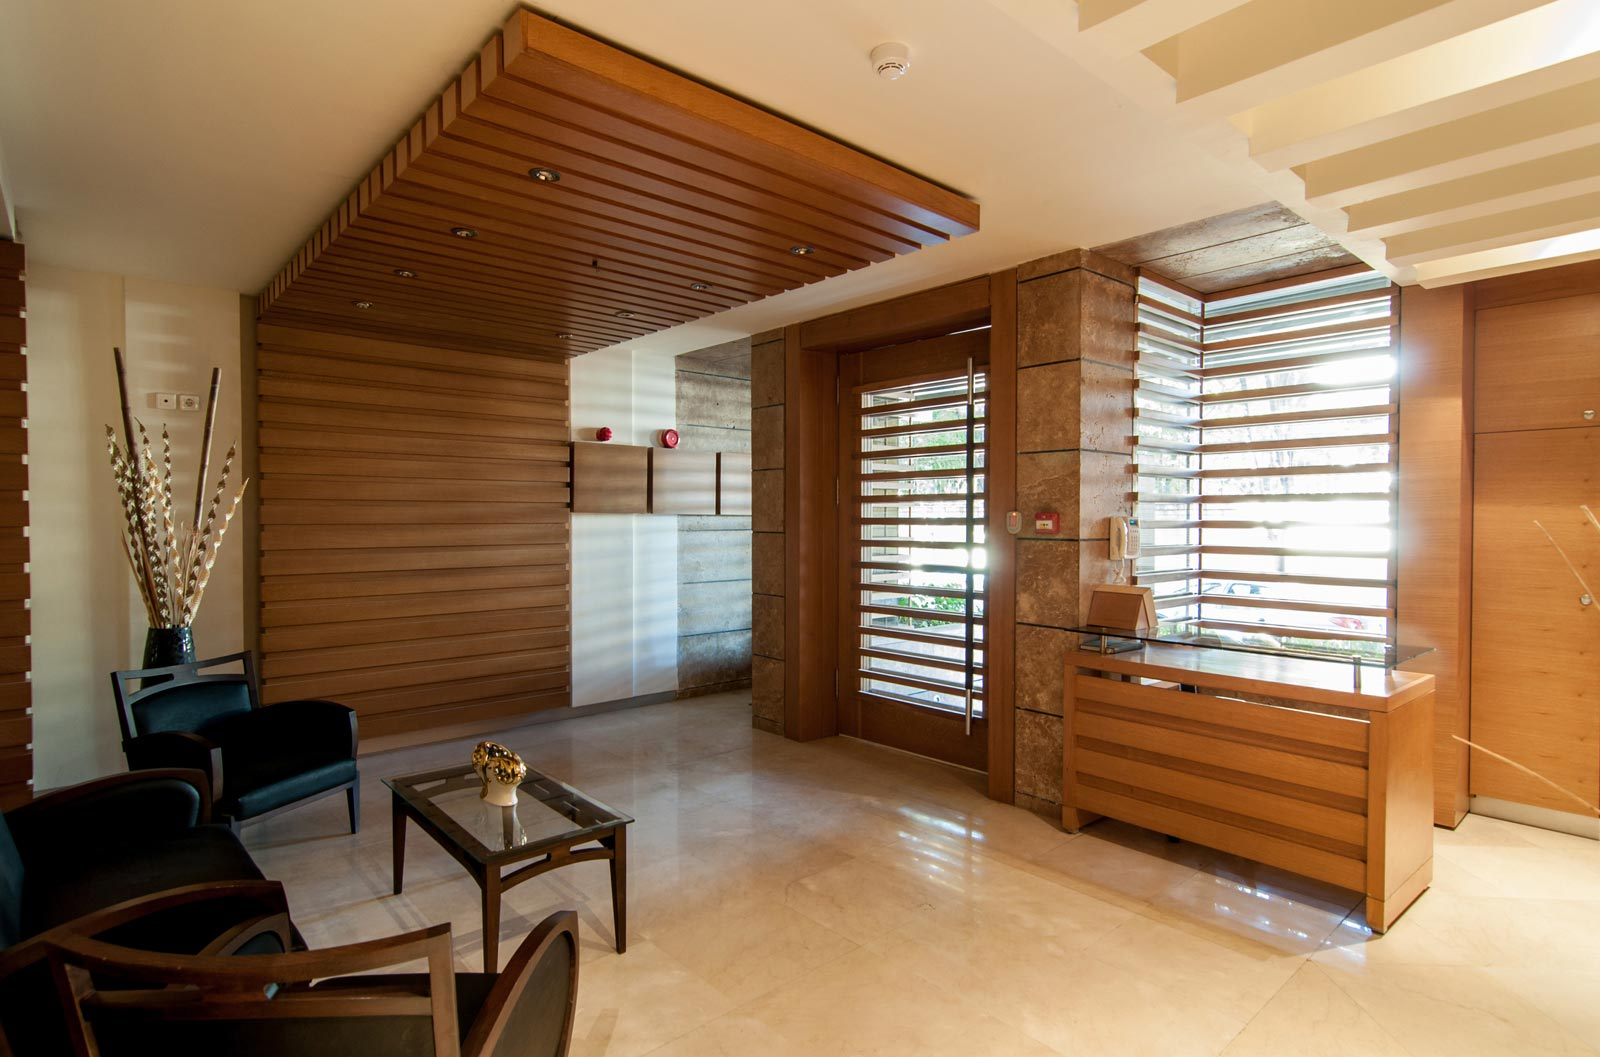 طراحی داخلی مجتمع مسکونی عطاالملک